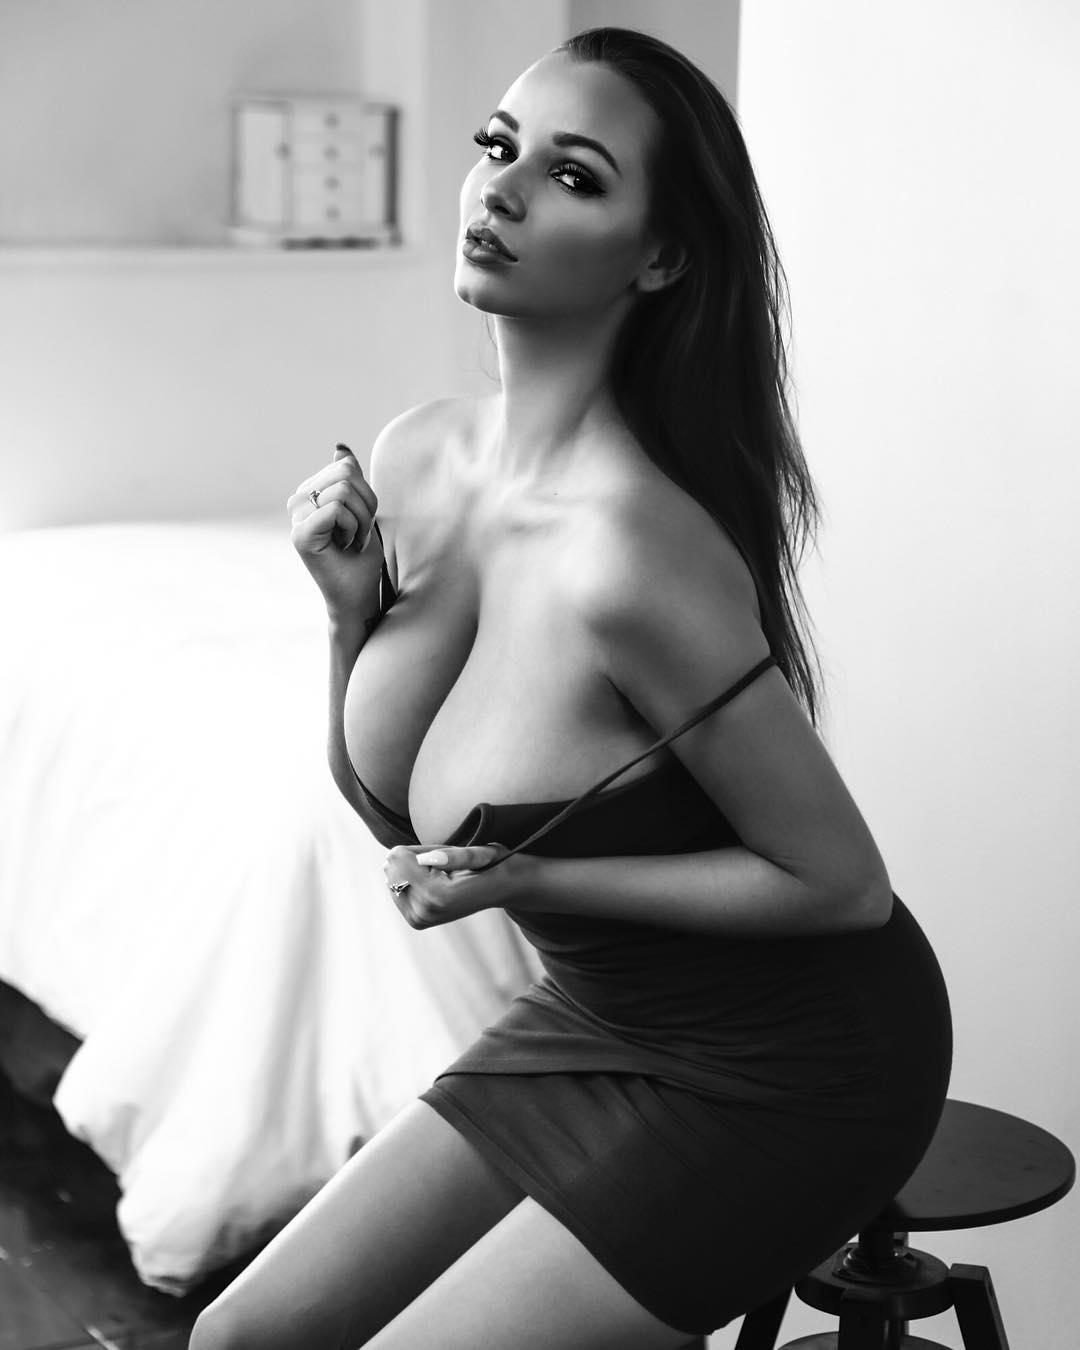 Mary Lynn - Канадская модель с восхитительными формами 18